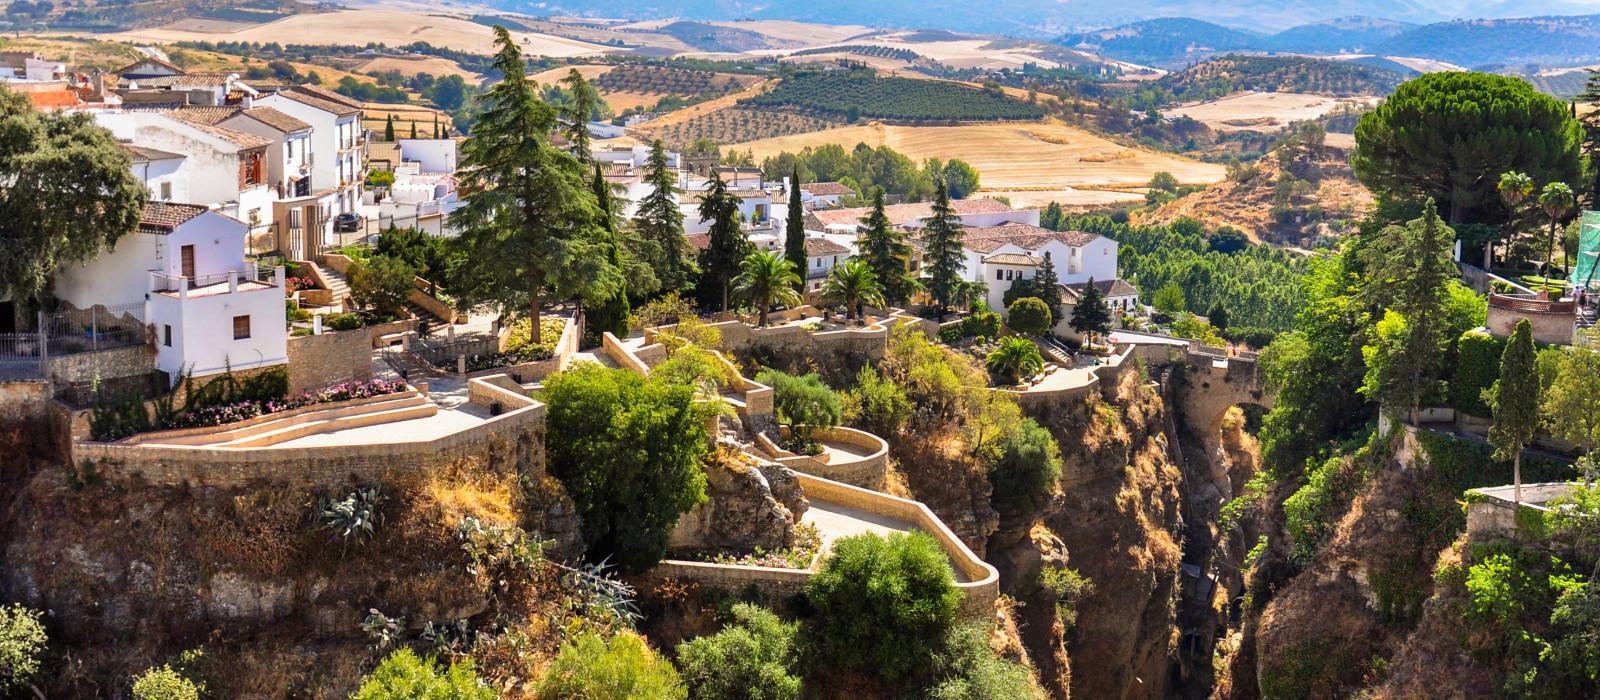 Reiseziel Ronda Spanien